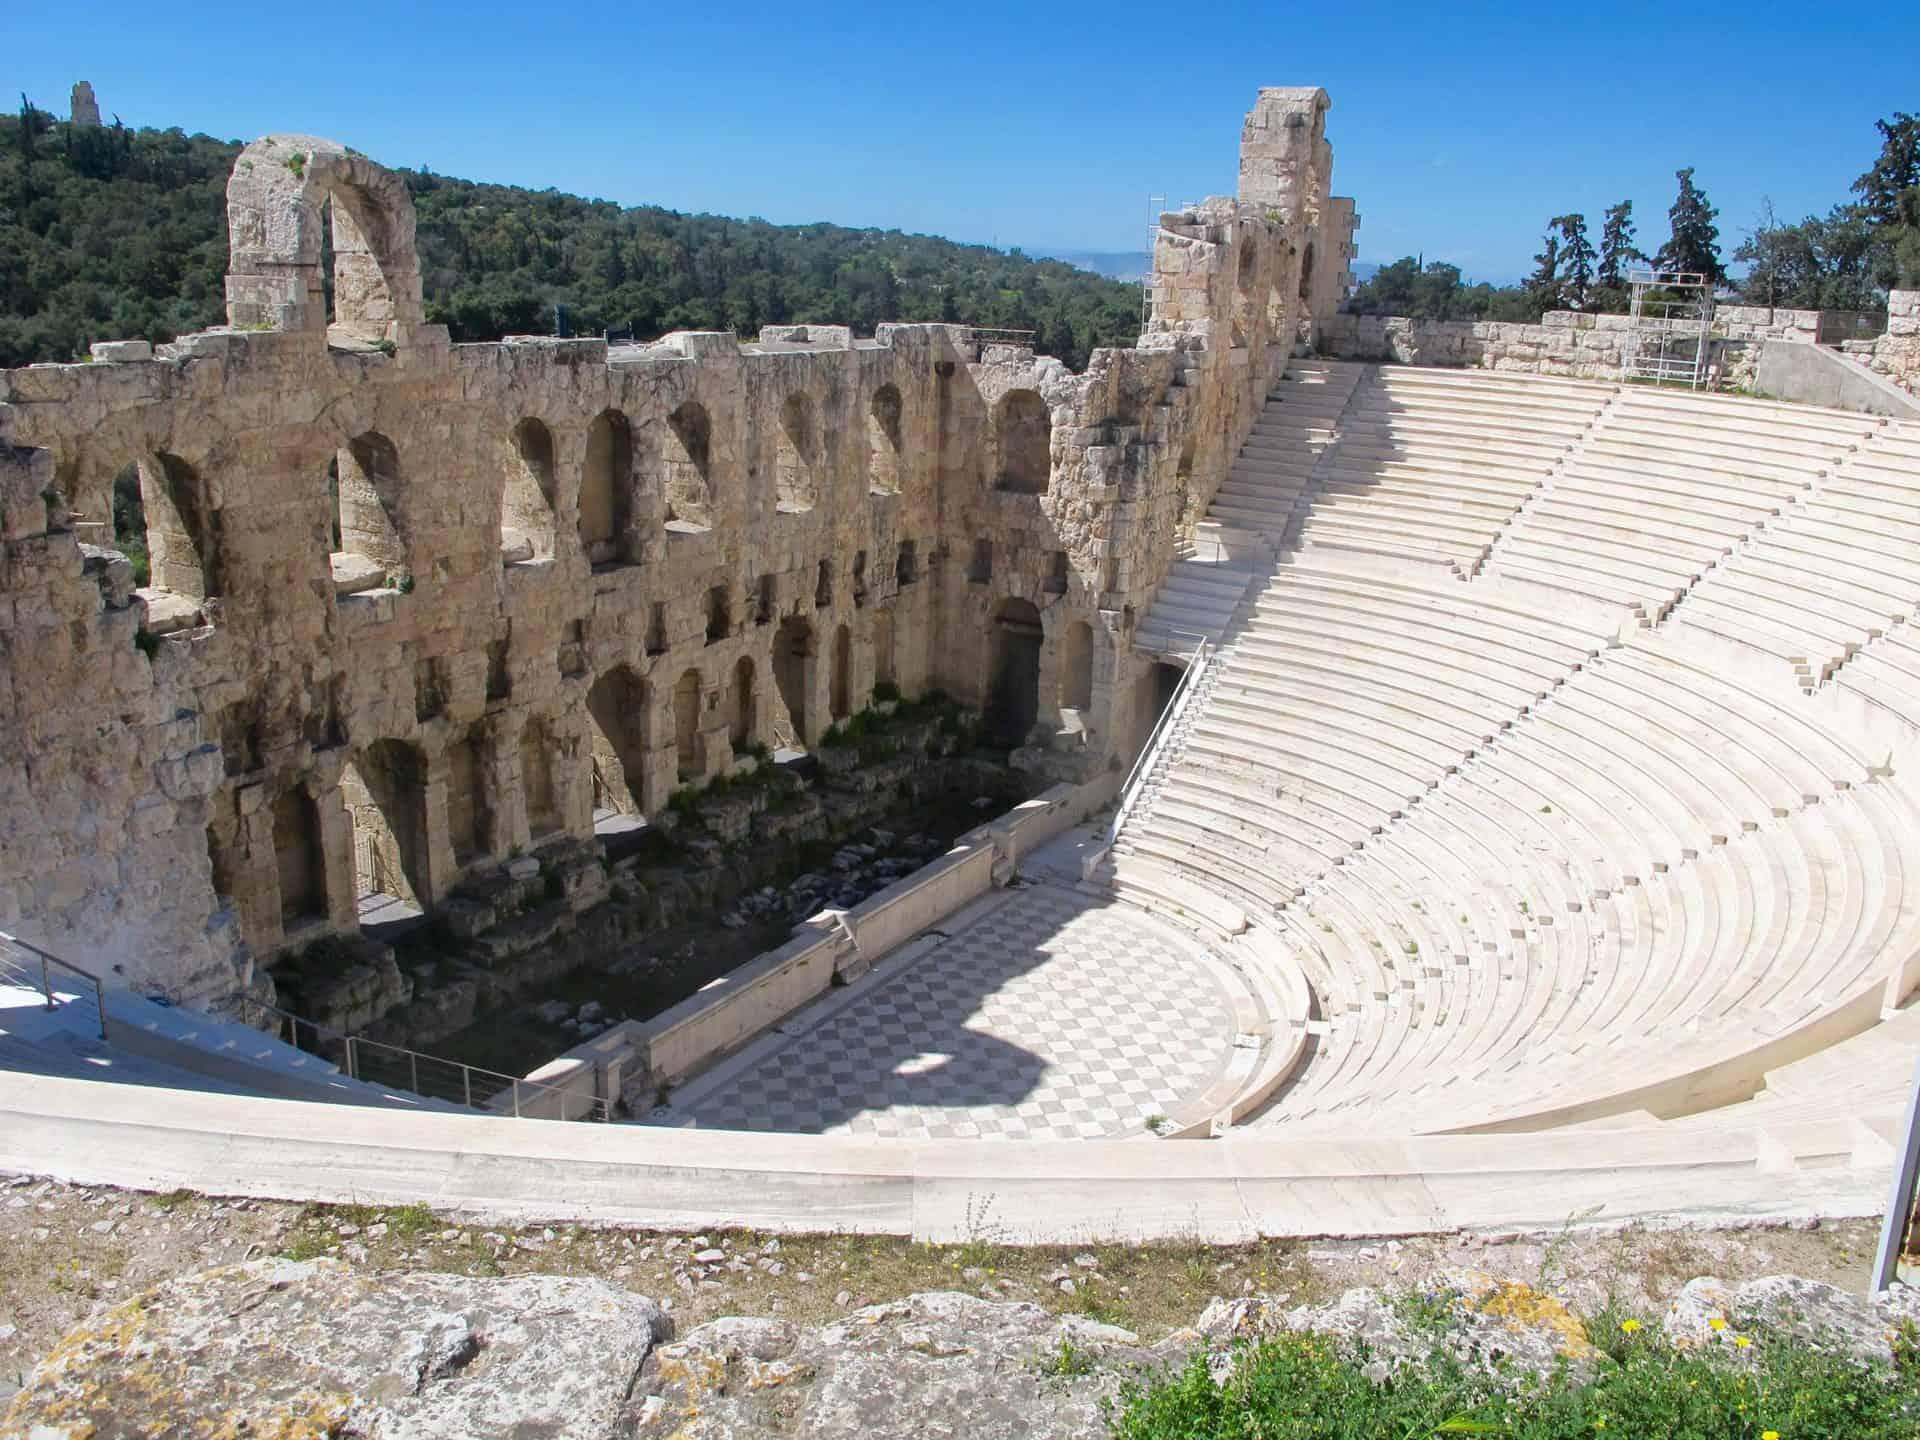 athens_acropolis20-Odeon-of-Herodes-Atticus-37.97121, 23.72462